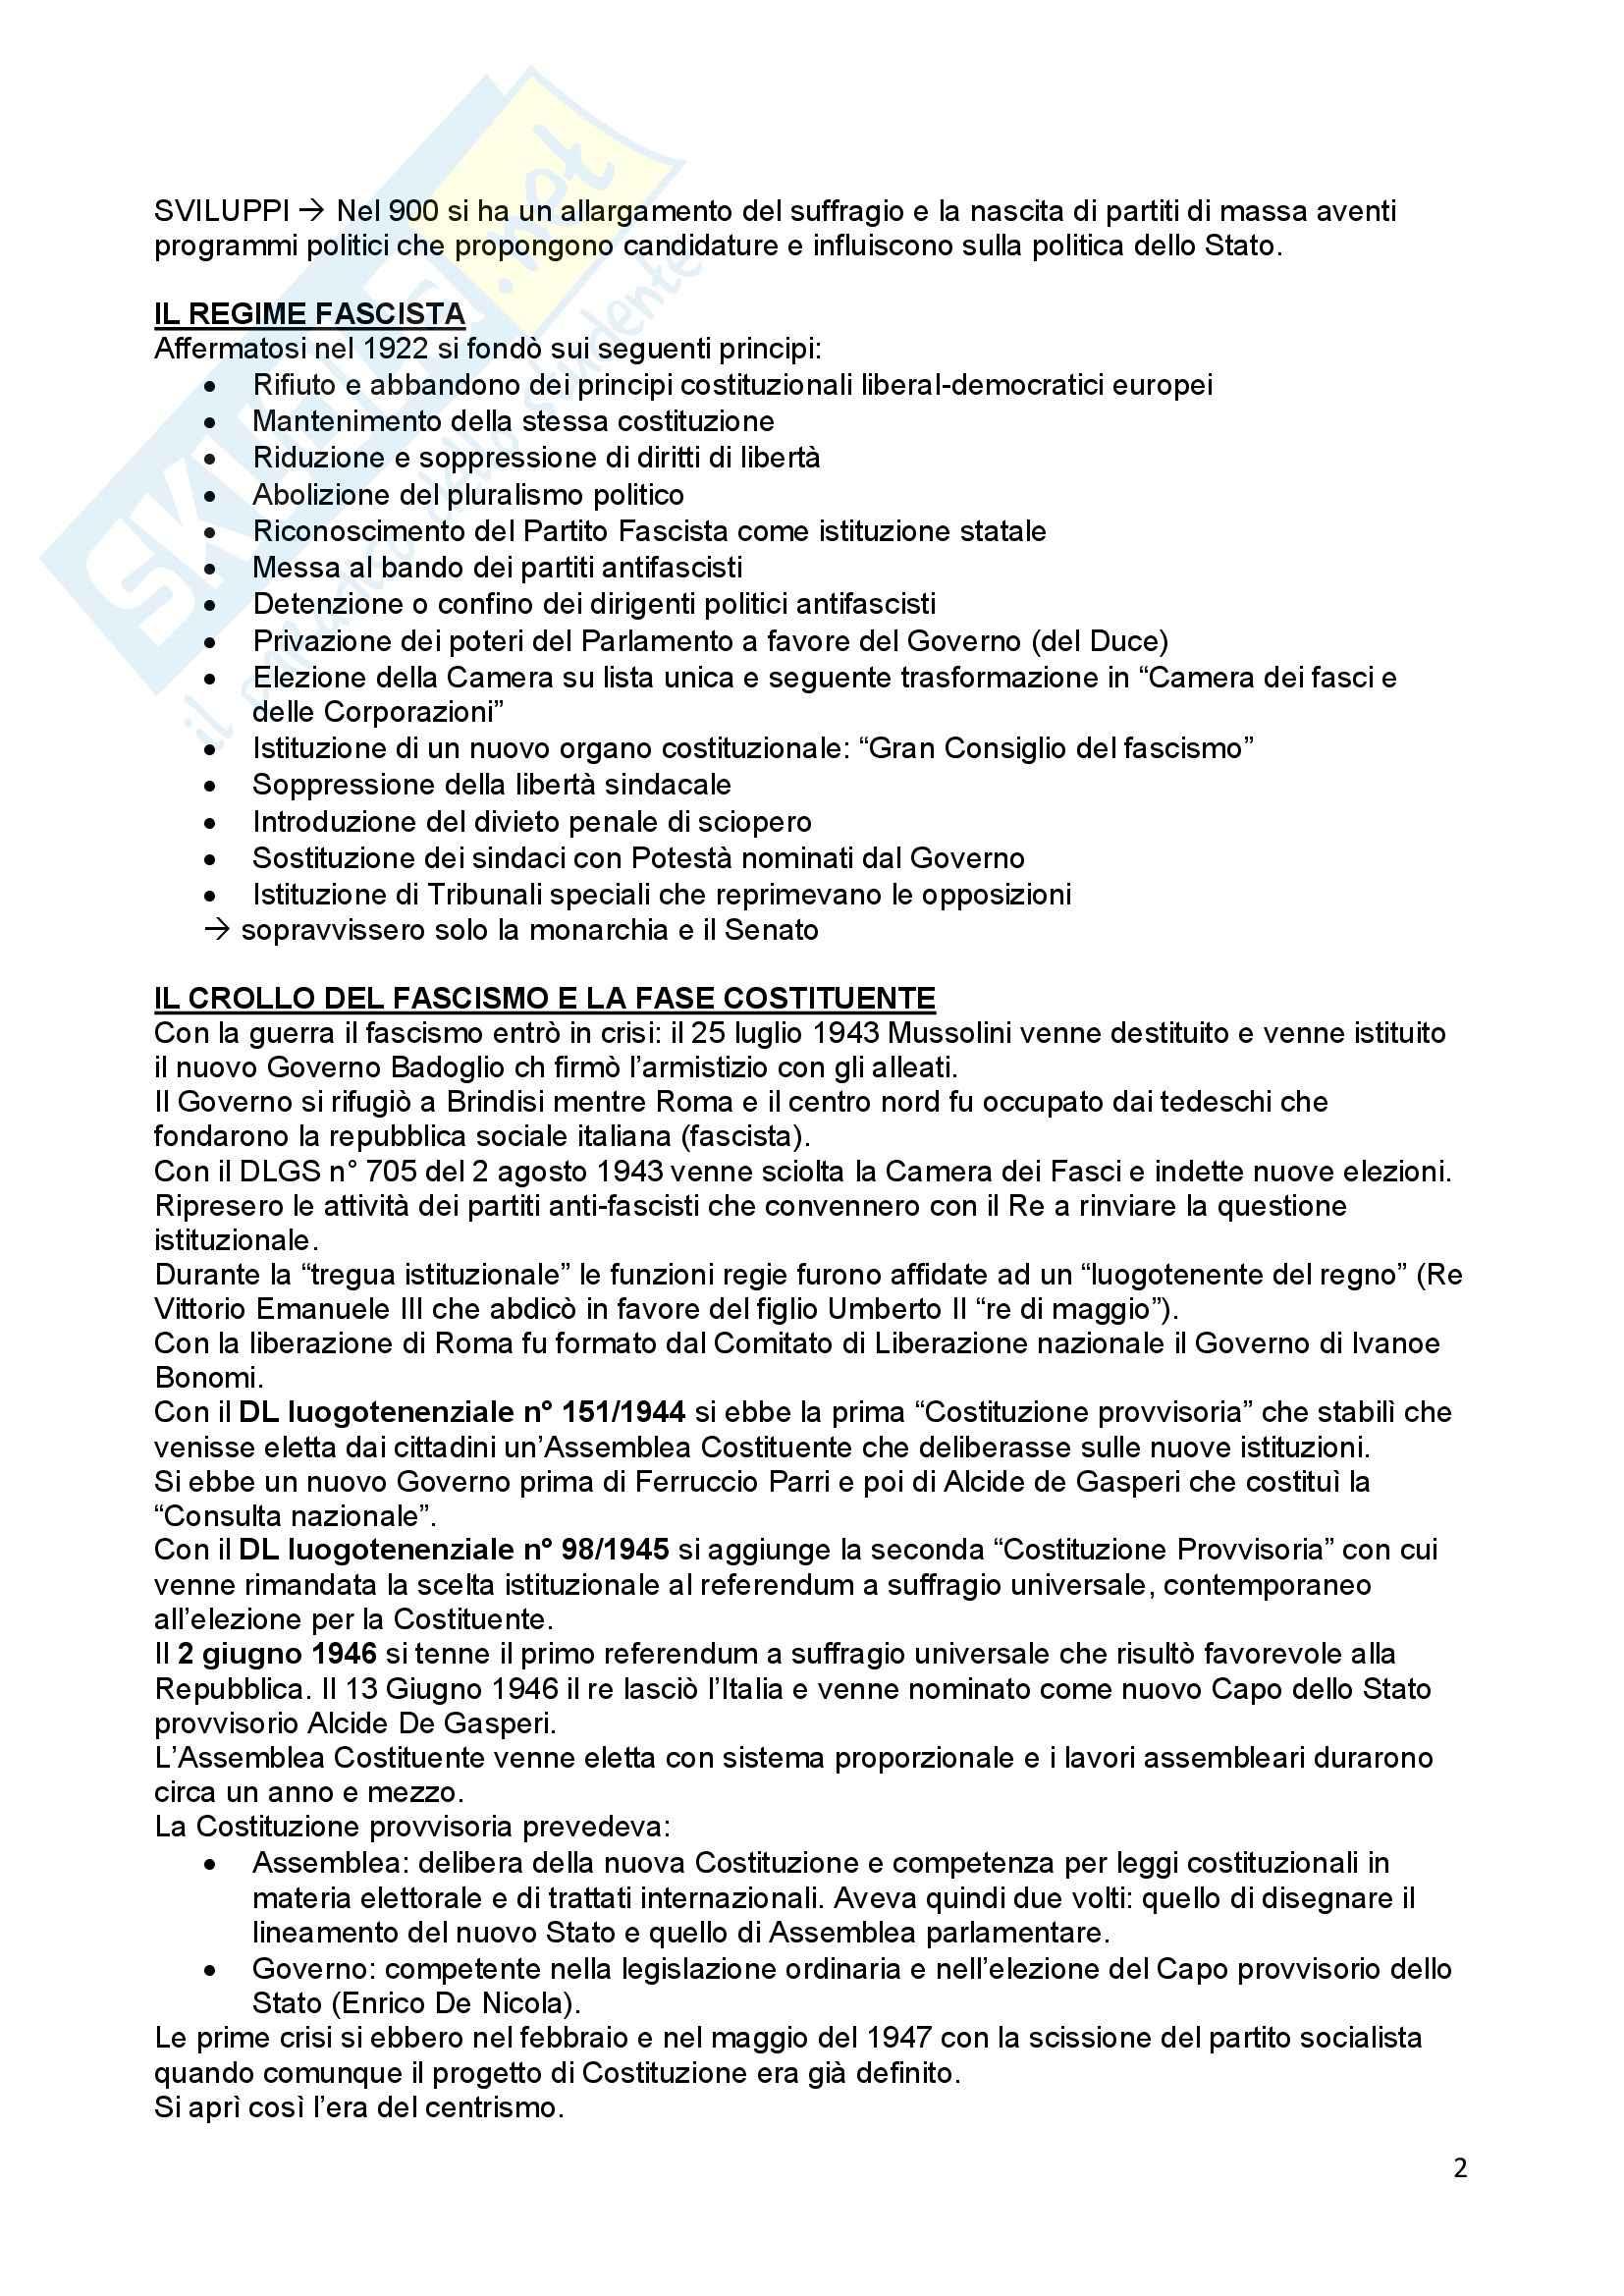 Riassunto esame Diritto Costituzionale, prof. Ferri, libro consigliato Compendio di Diritto Costituzionale,Onida e Pedrazza Gorlero Pag. 2